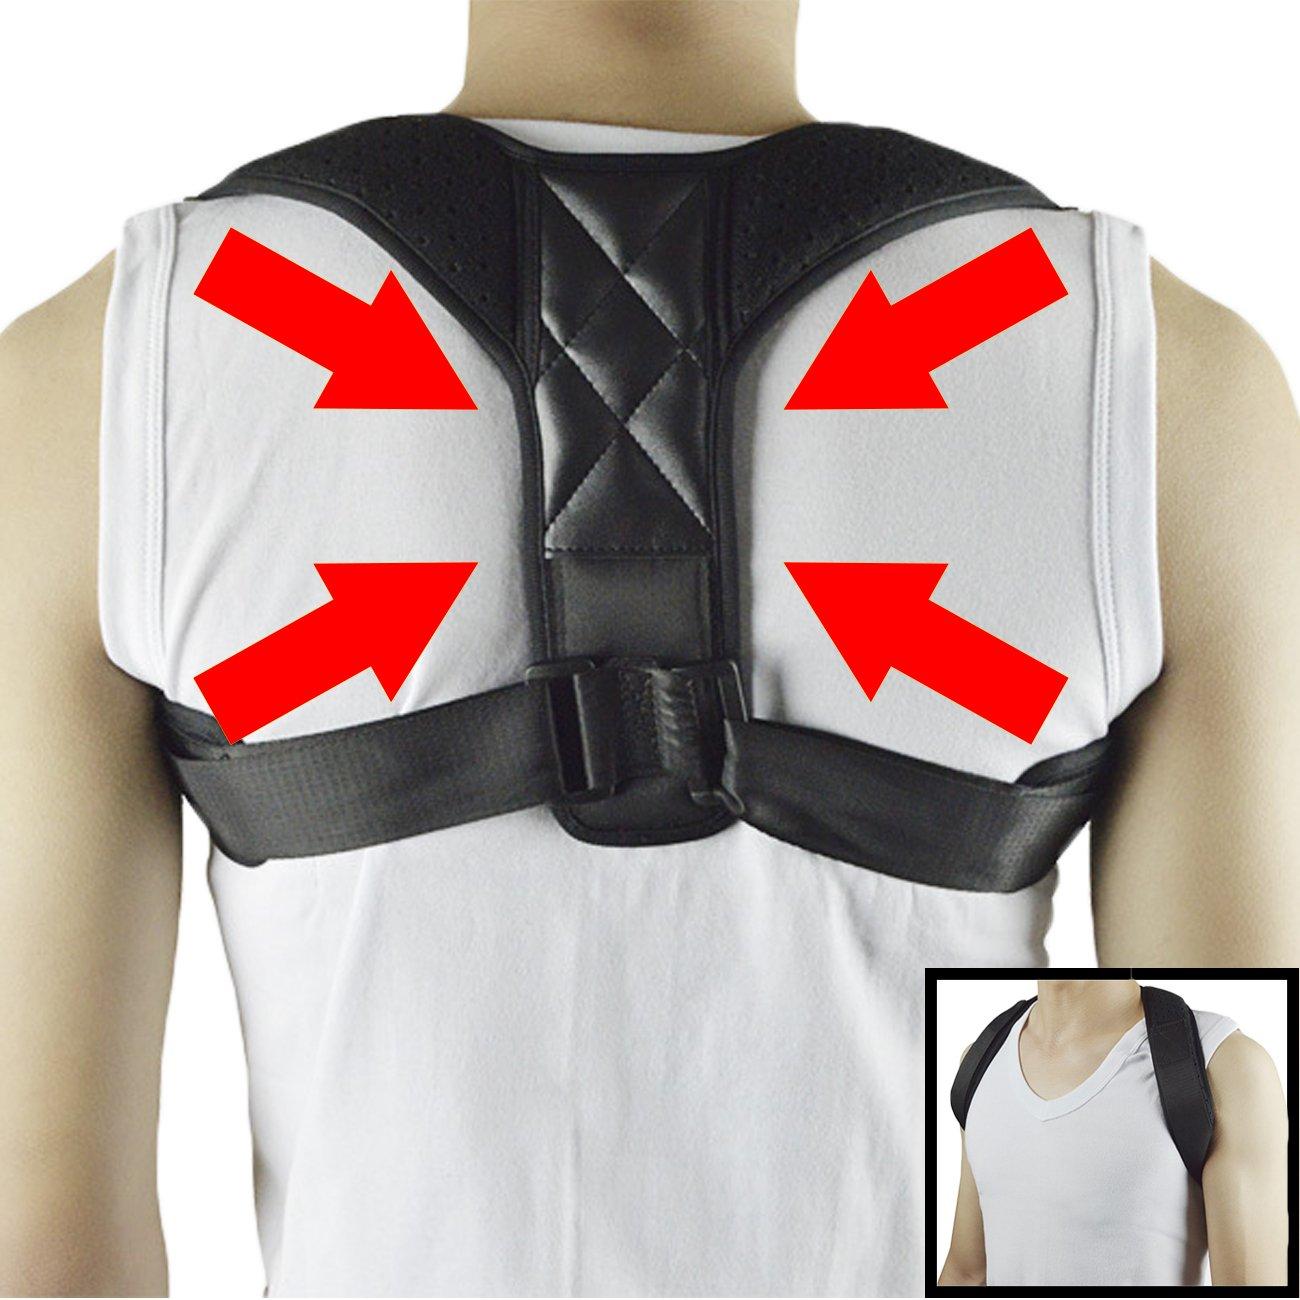 Adjustable Shoulder Support Posture Correct Strap for Poor Posture Improve Hunched Back Black Fittoo